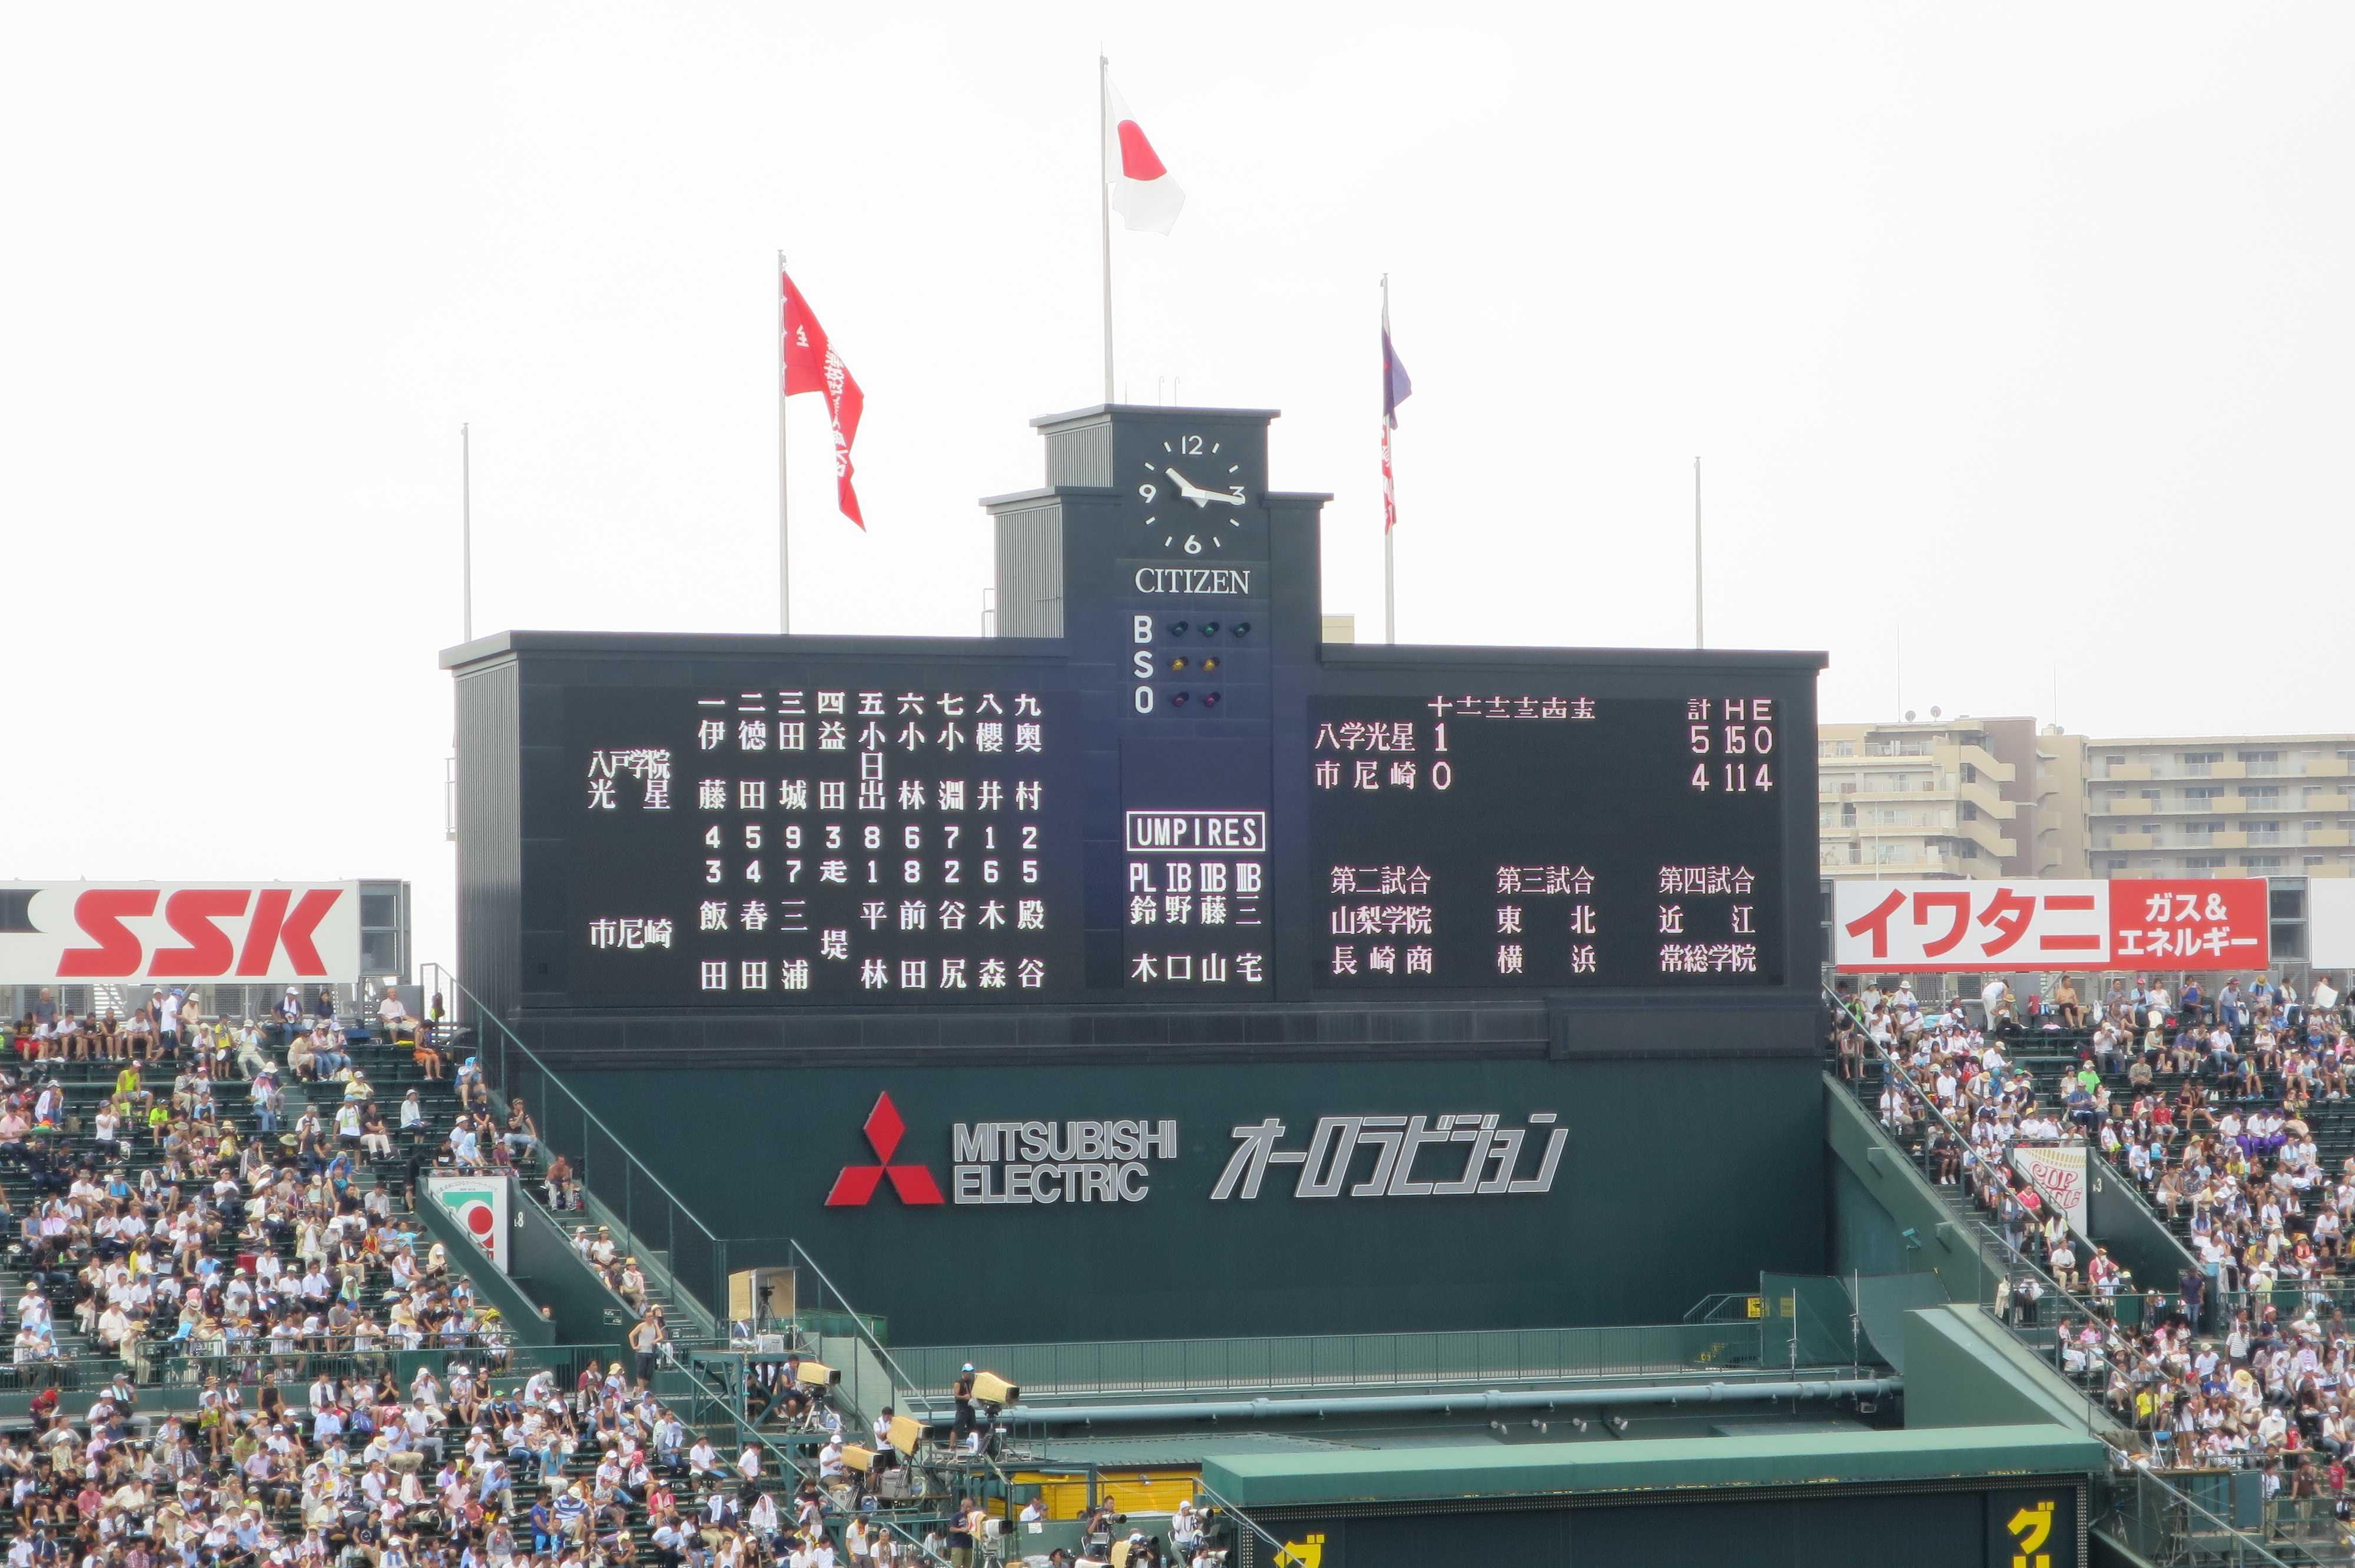 スコアボード - 八戸学院光星 5対4 市立尼崎(延長10回)